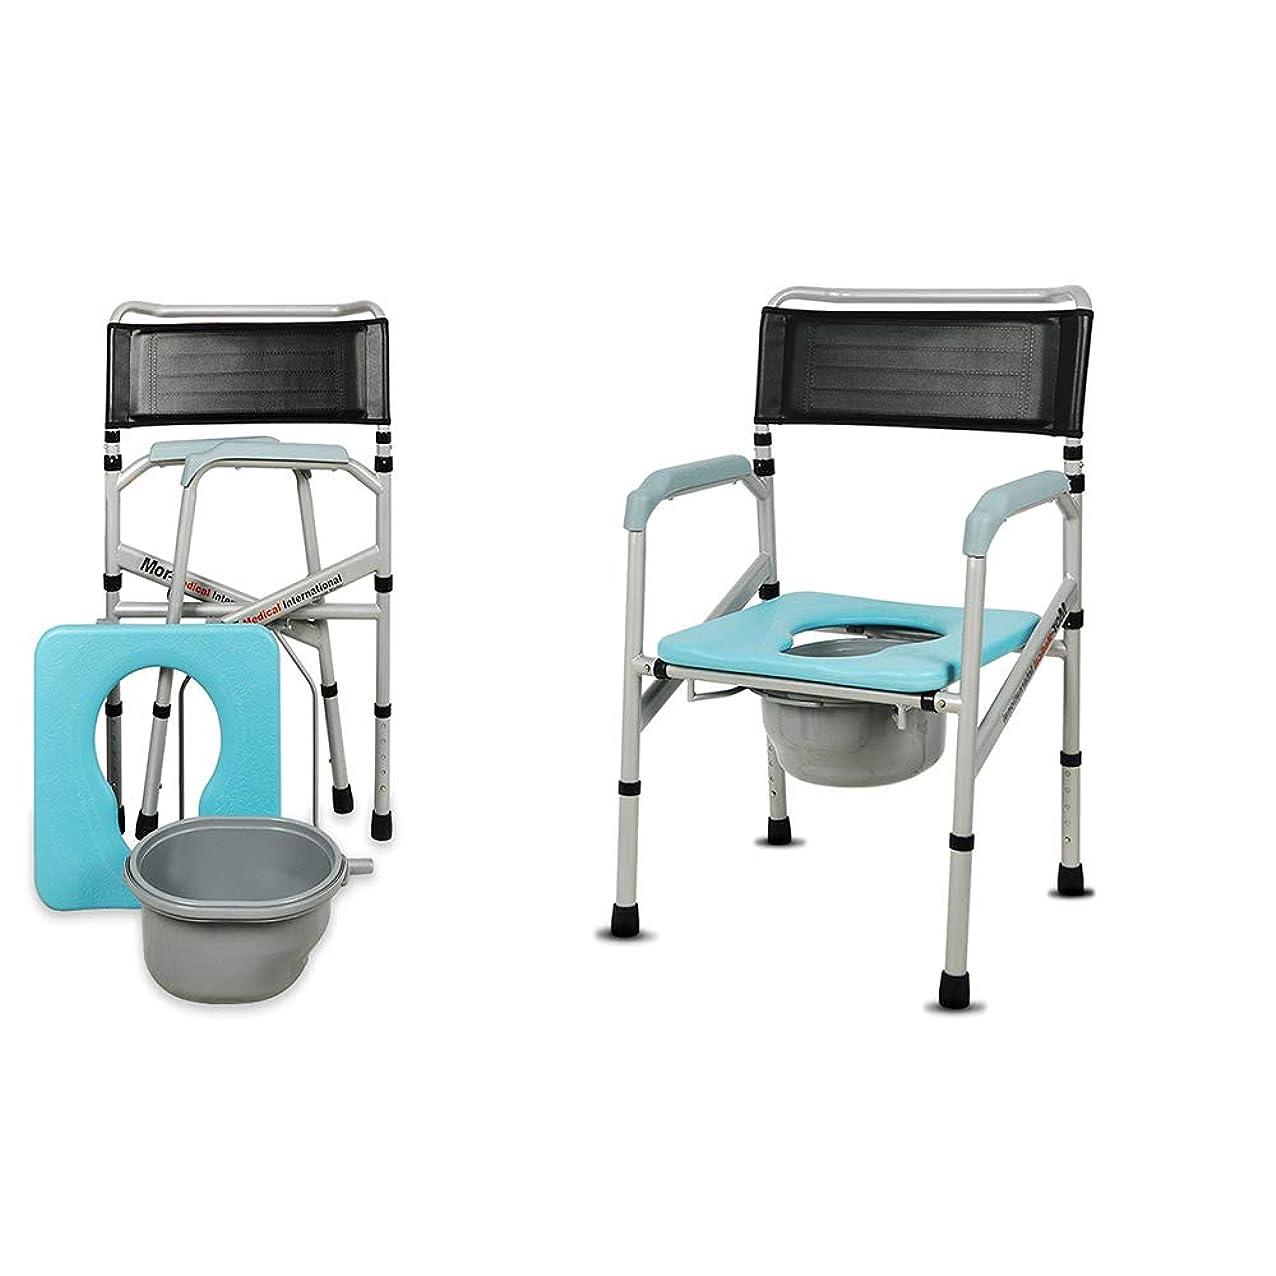 僕の専制スチュワーデスHXLQ トイレチェア 高さ調節可能なトイレチェア 老人座っている椅子 折りたたみ式便器椅子、浴室シャワーチェア 肥厚鋼管、ベアリング重量250kg